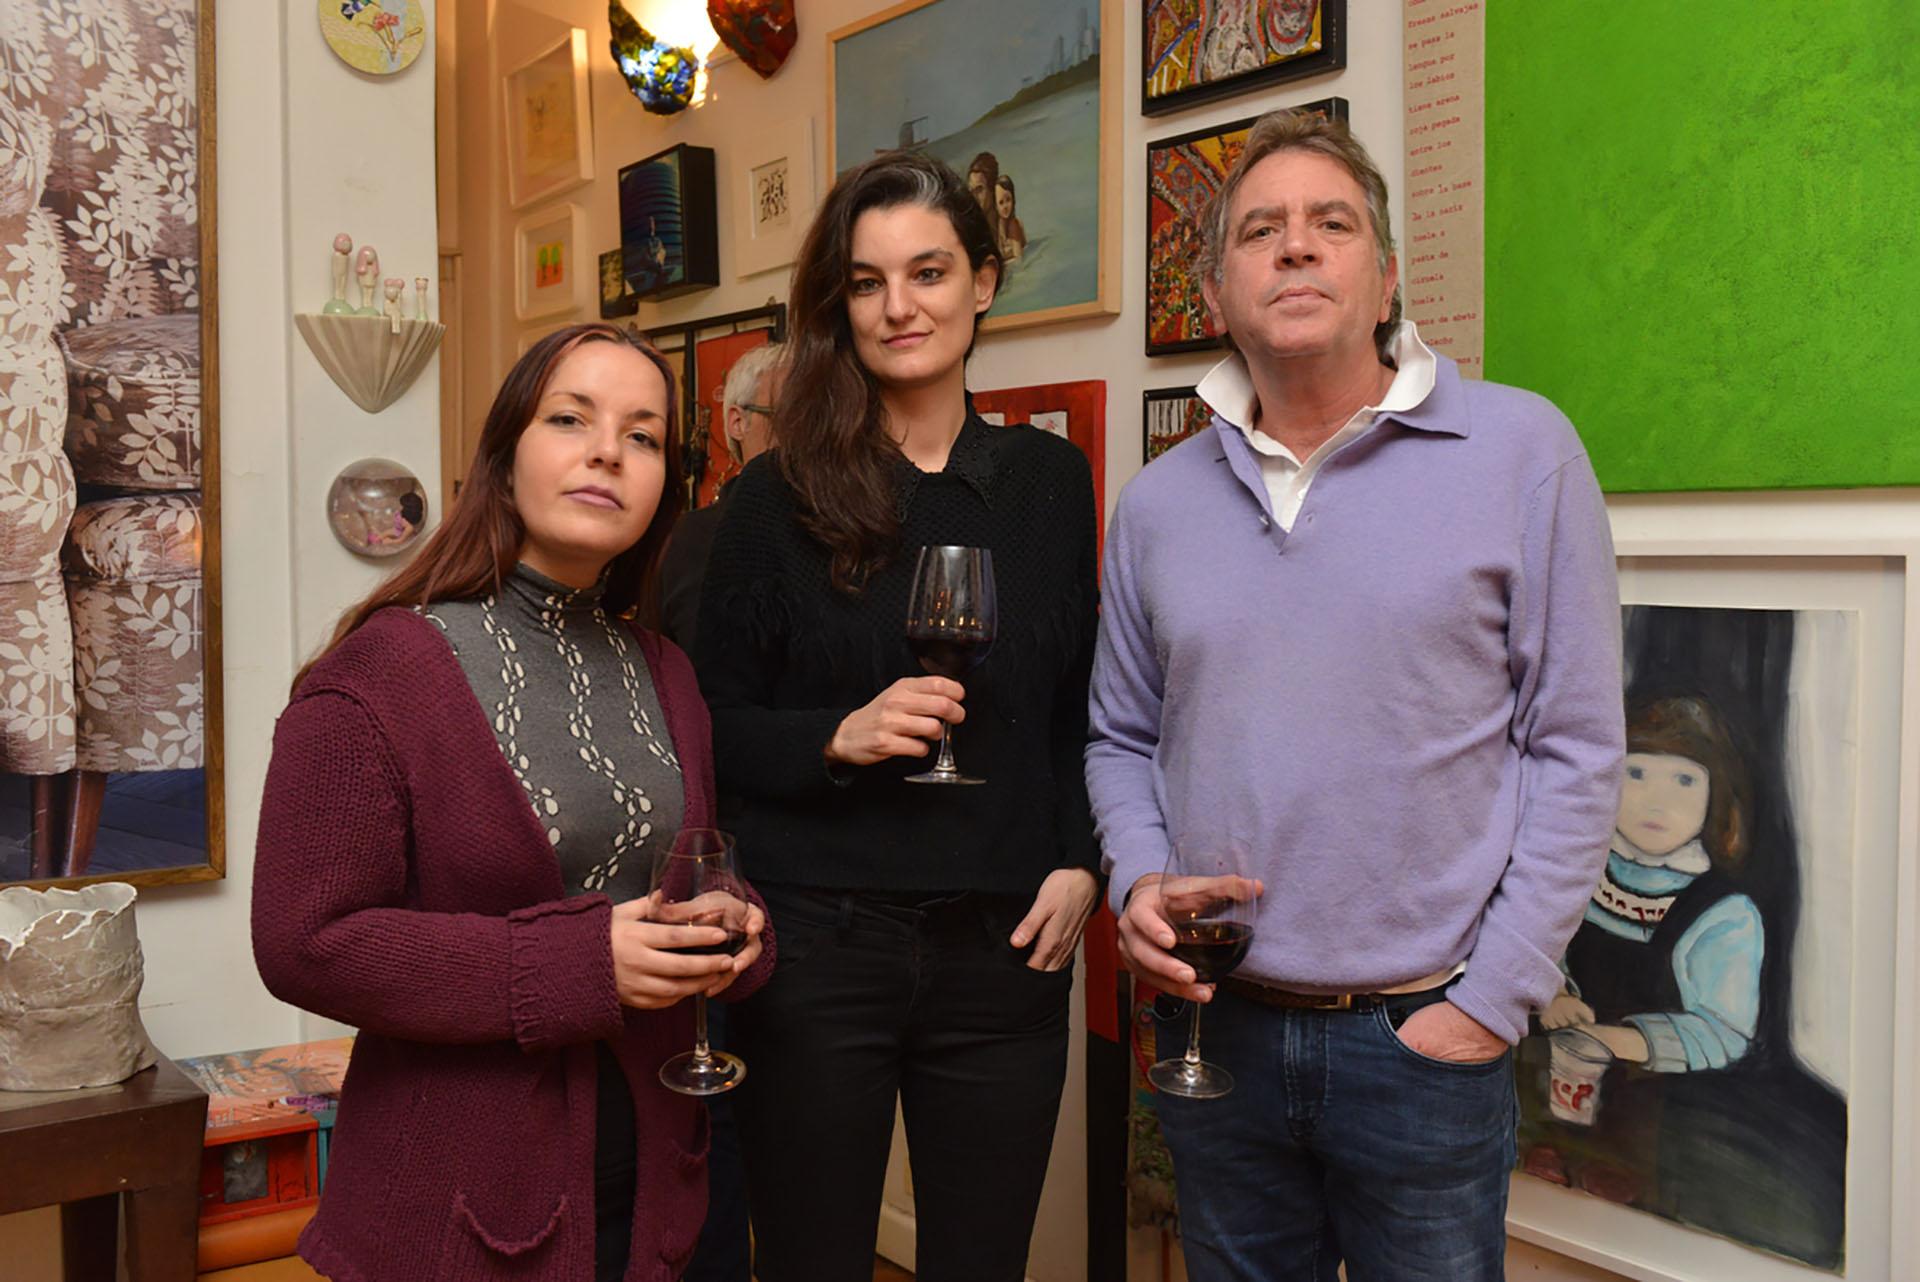 Las artistas Valentina Vera y Fernanda Radetich junto a Gonzalo Guerrieri